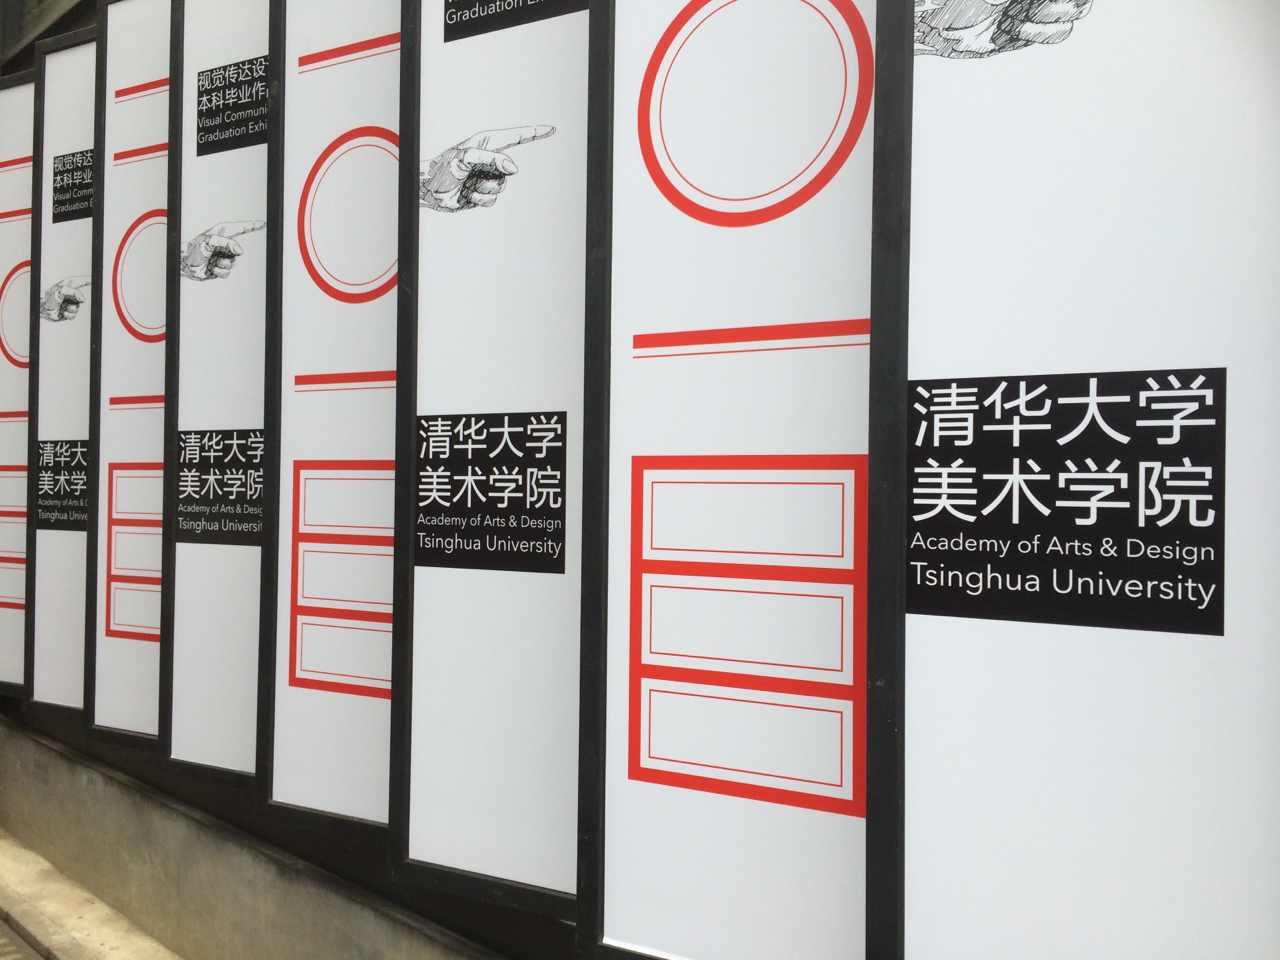 达设计系毕业设计展